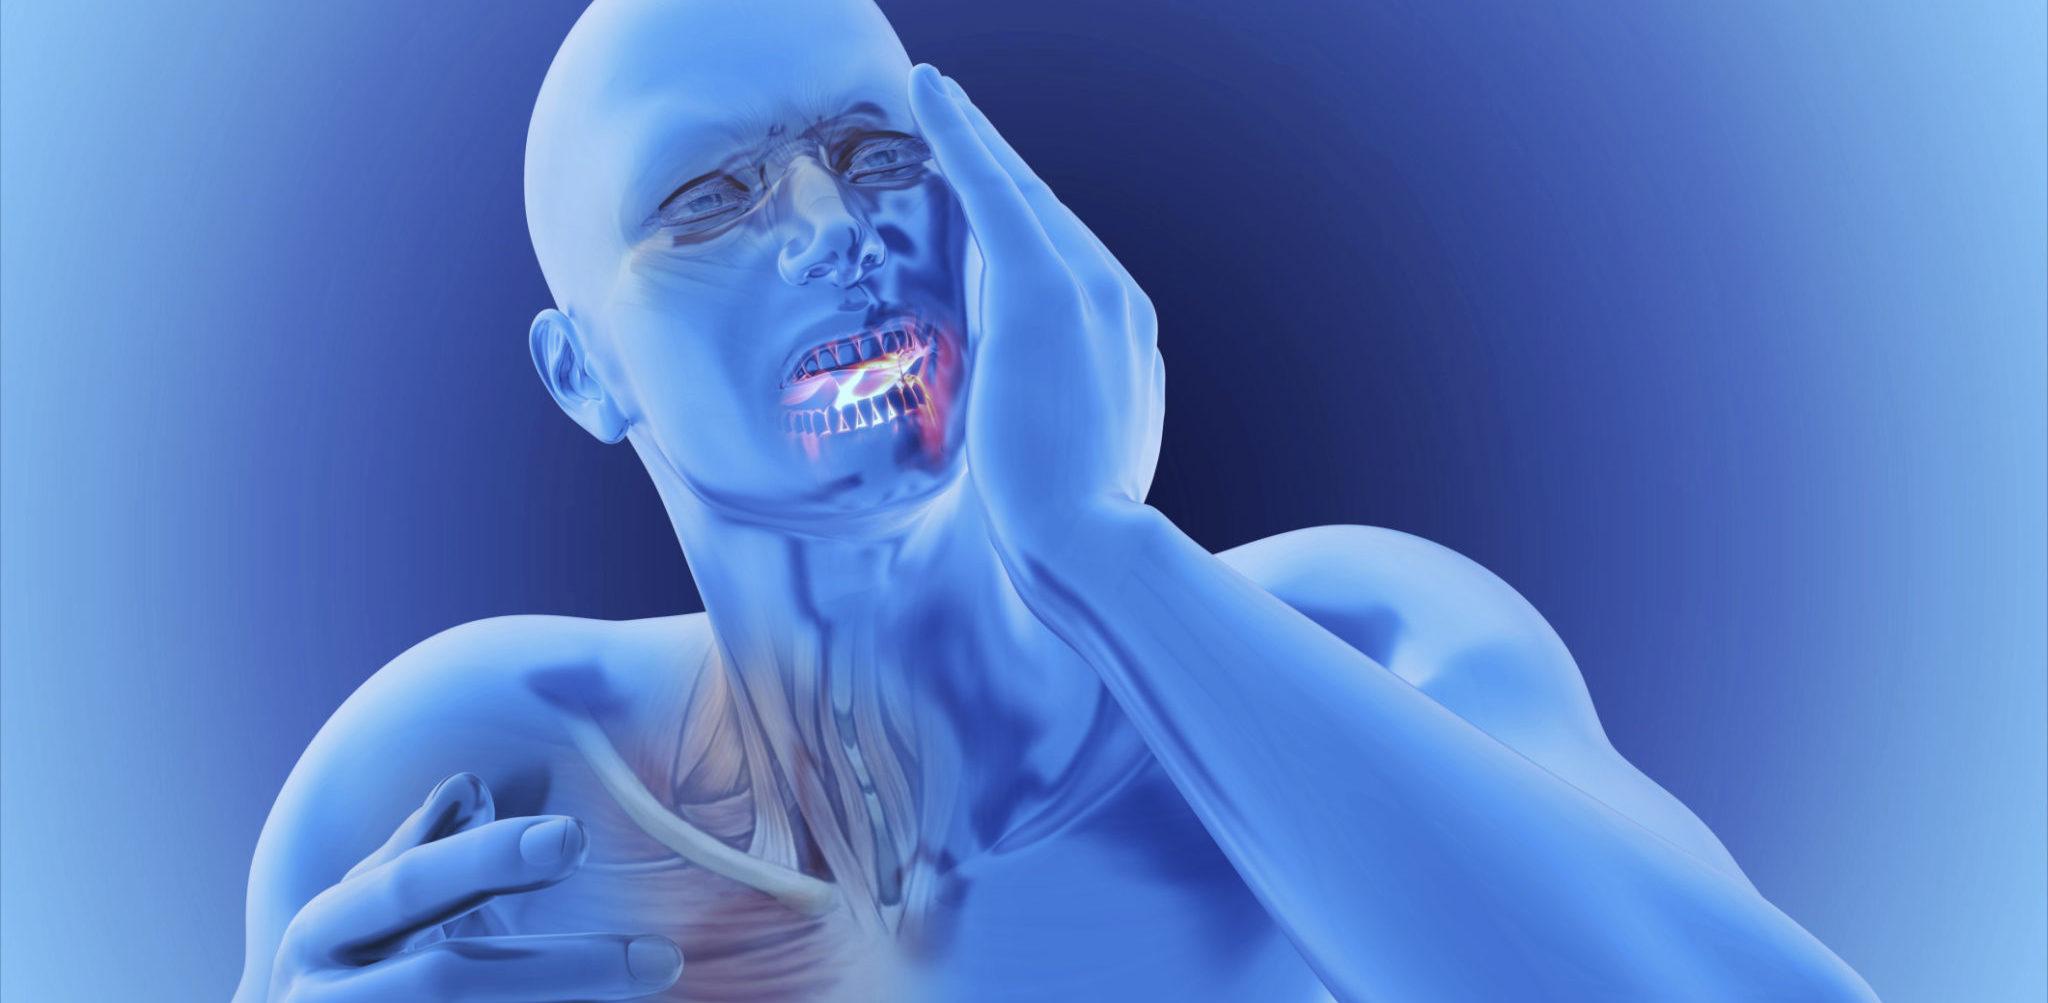 liaudies gynimo skausmas peties sąnario nykščio artrozė iš rankų gydyti liaudies gynimo